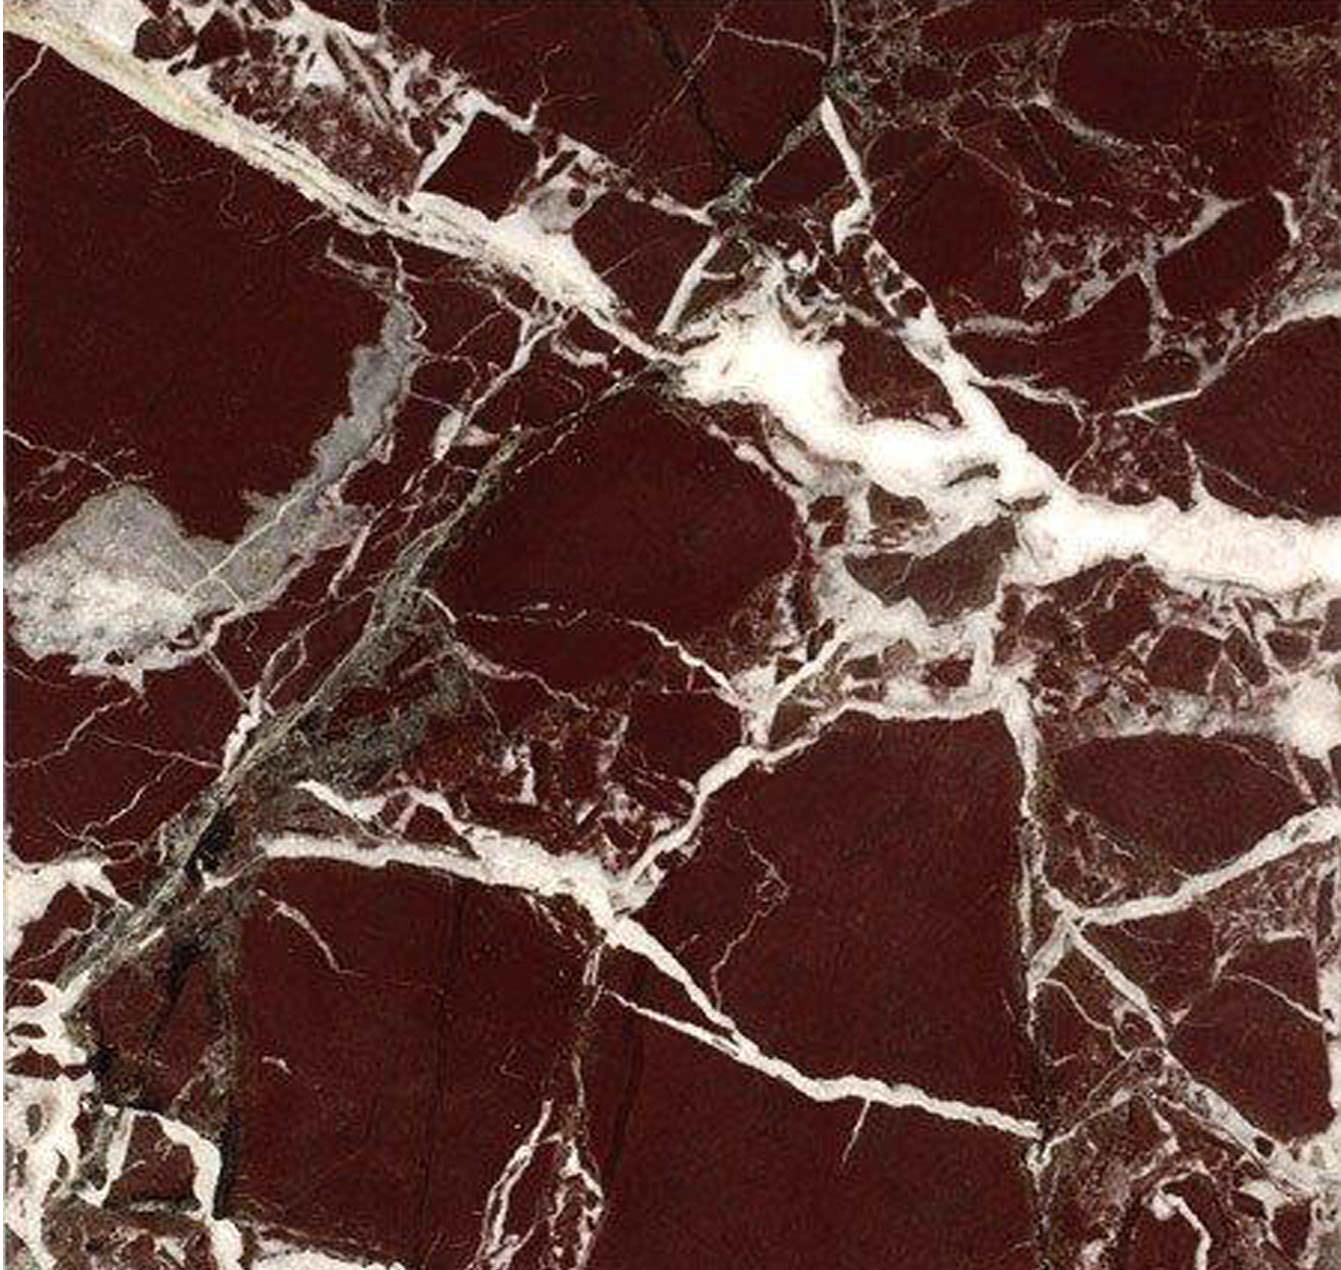 Rosso Levanto Stone Queststone Quest